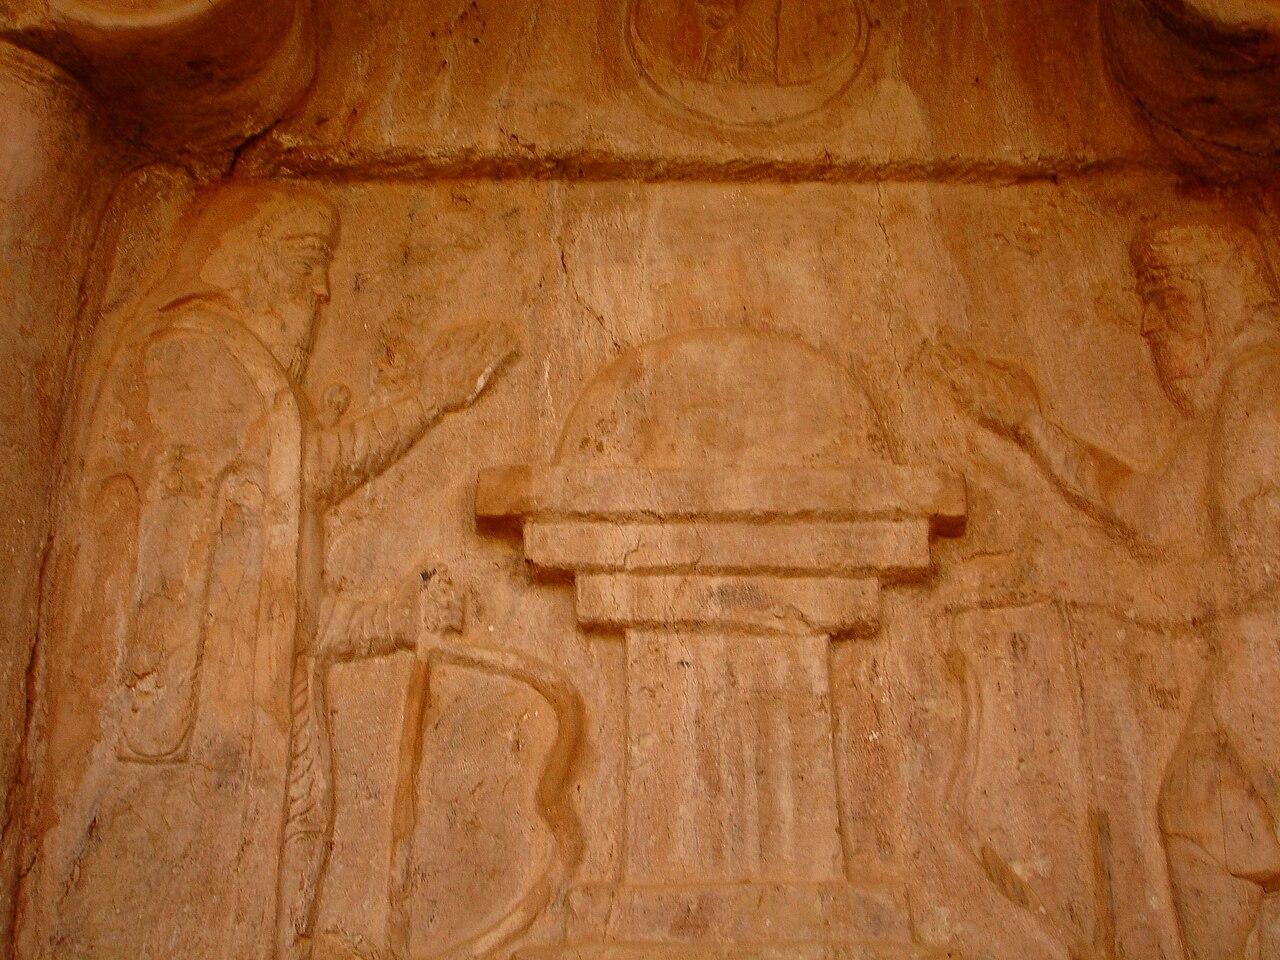 نقش برجسته سردر مقبرهٔ صخرهای قزقاپان. فرد سمت راست احتمالاً هووخشتره (کیاکسار) است.